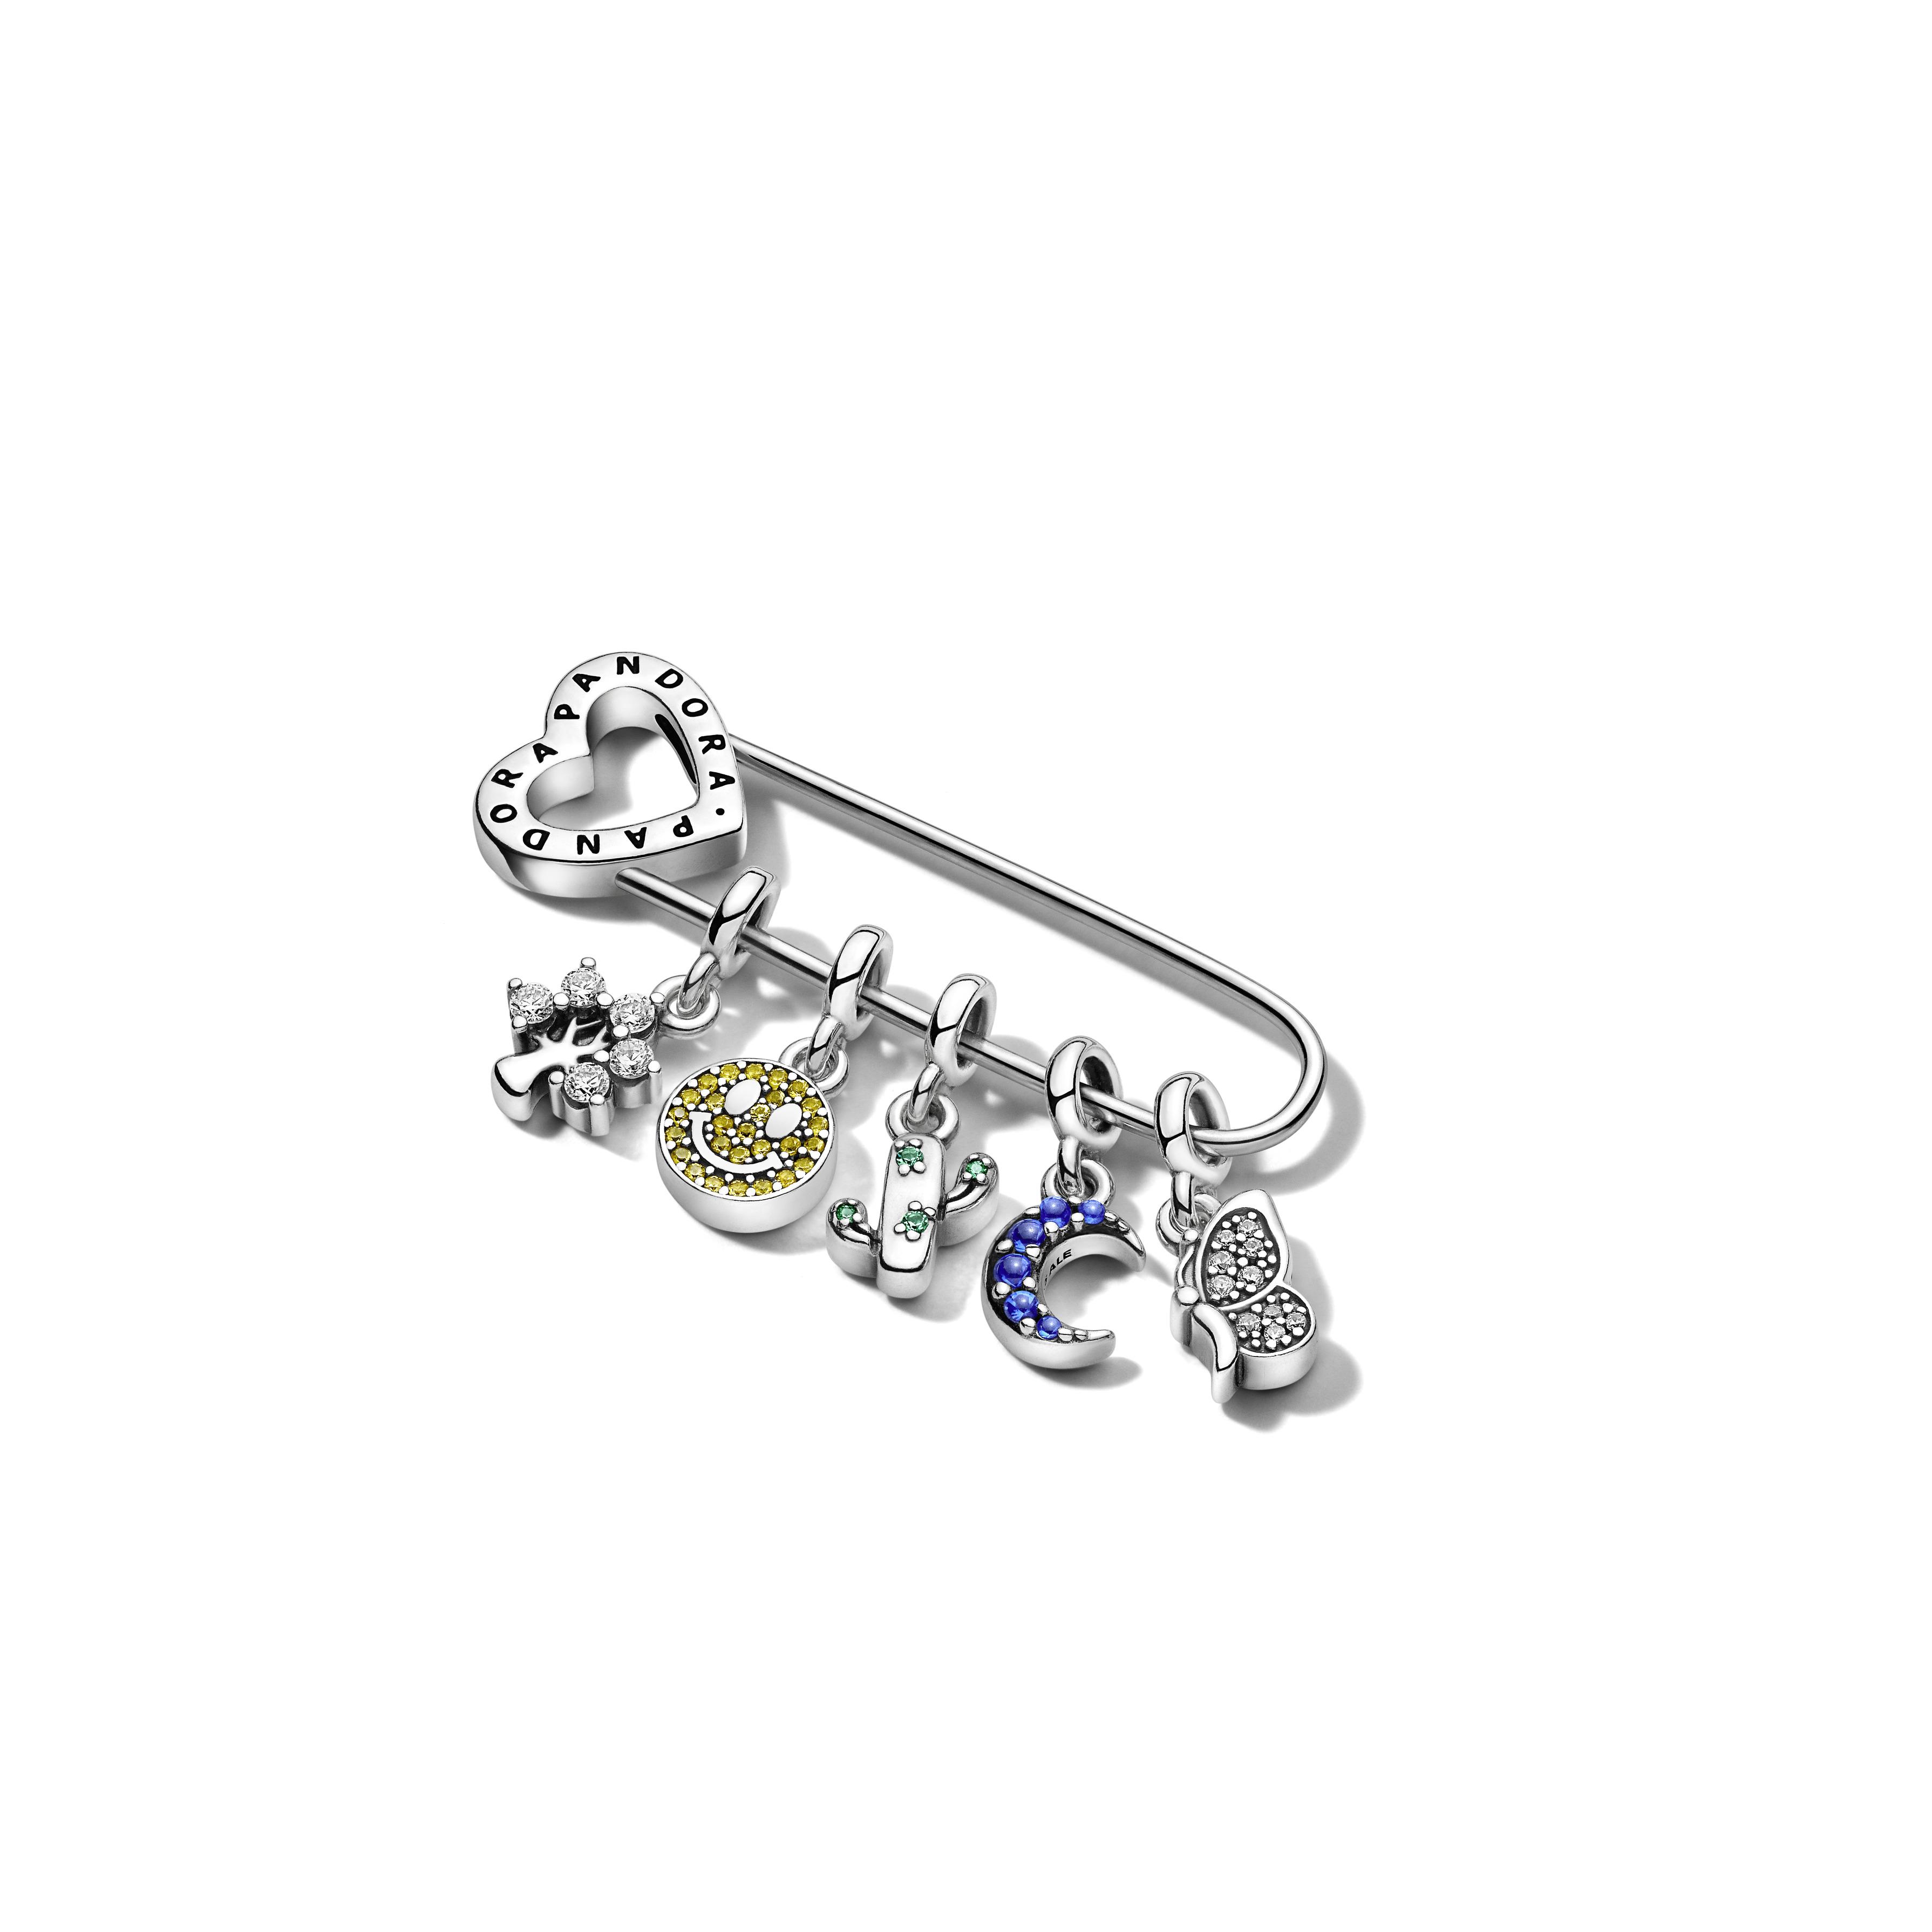 Además de los brazaletes, incluye un pendiente al que le se pueden agregar dijes. (Suministrada)